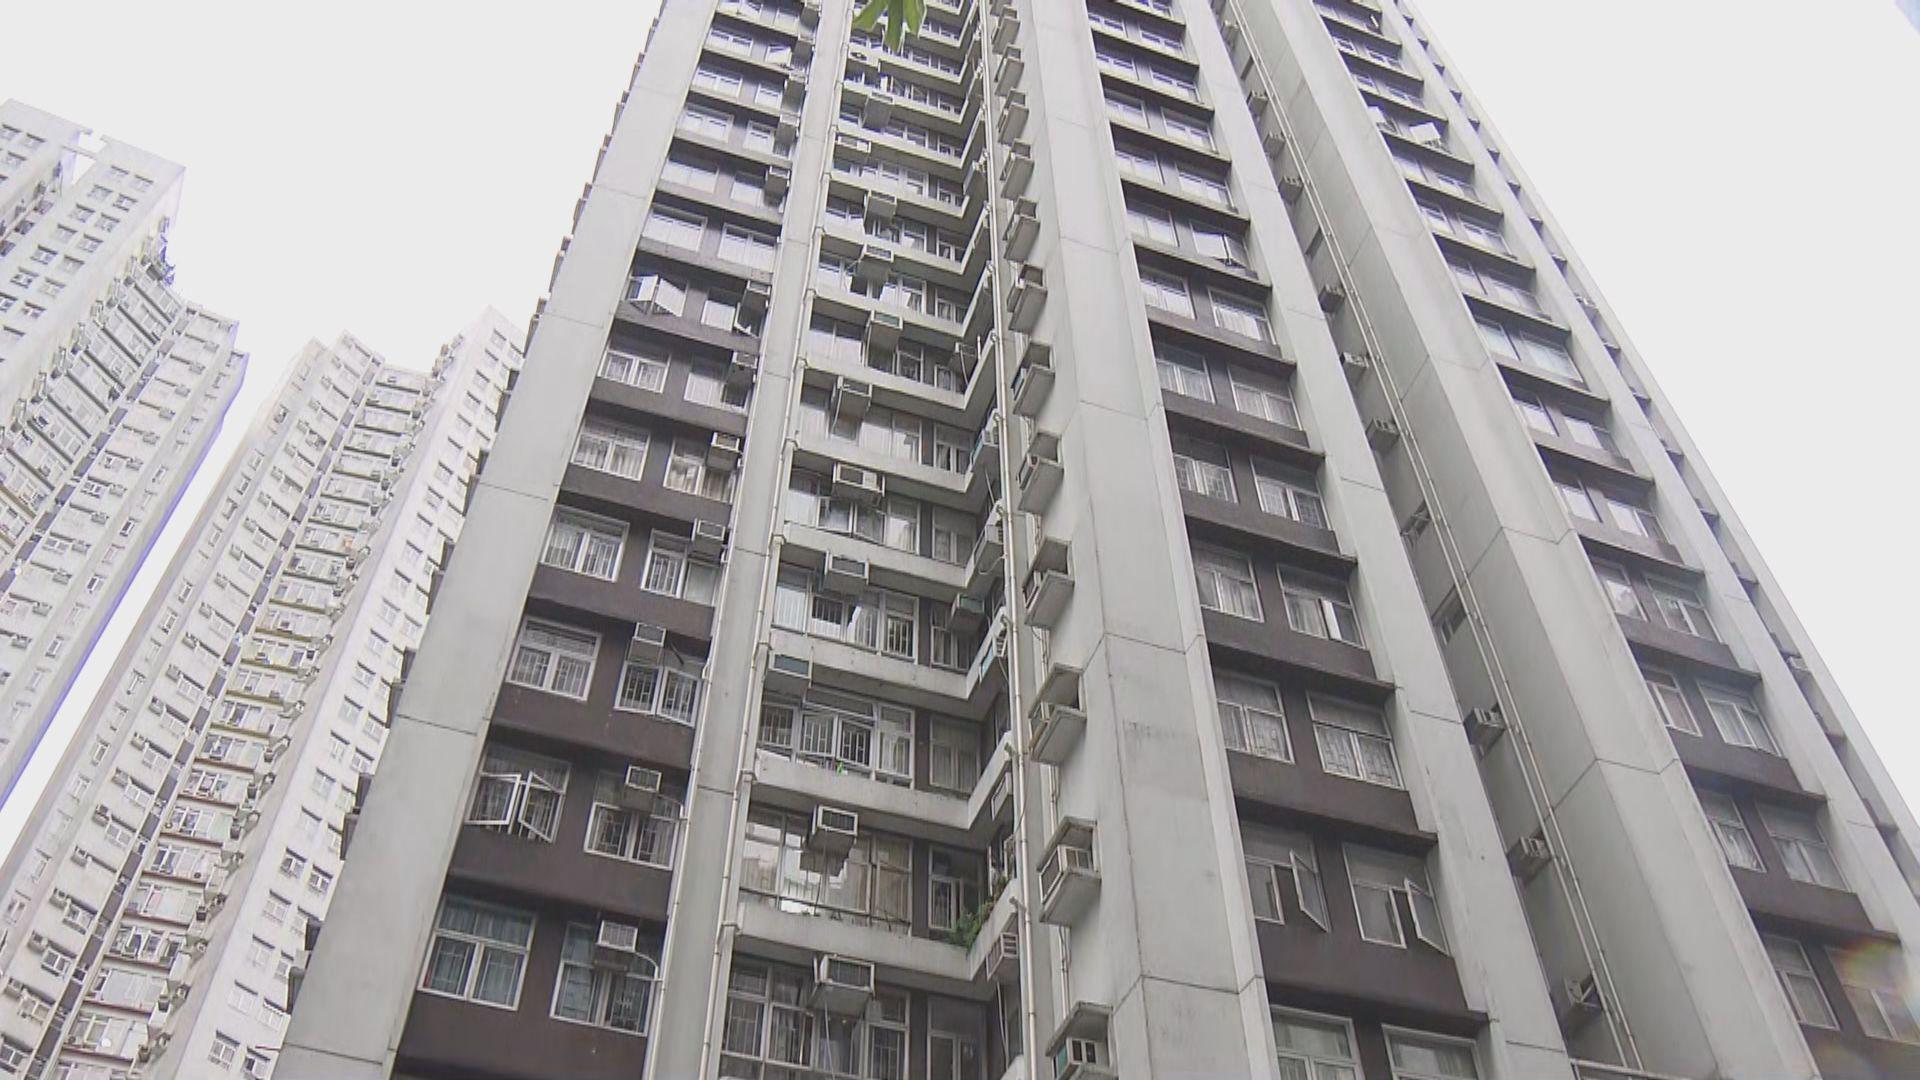 確診兩姊弟家居隔離期間曾到東涌、山頂及太古城